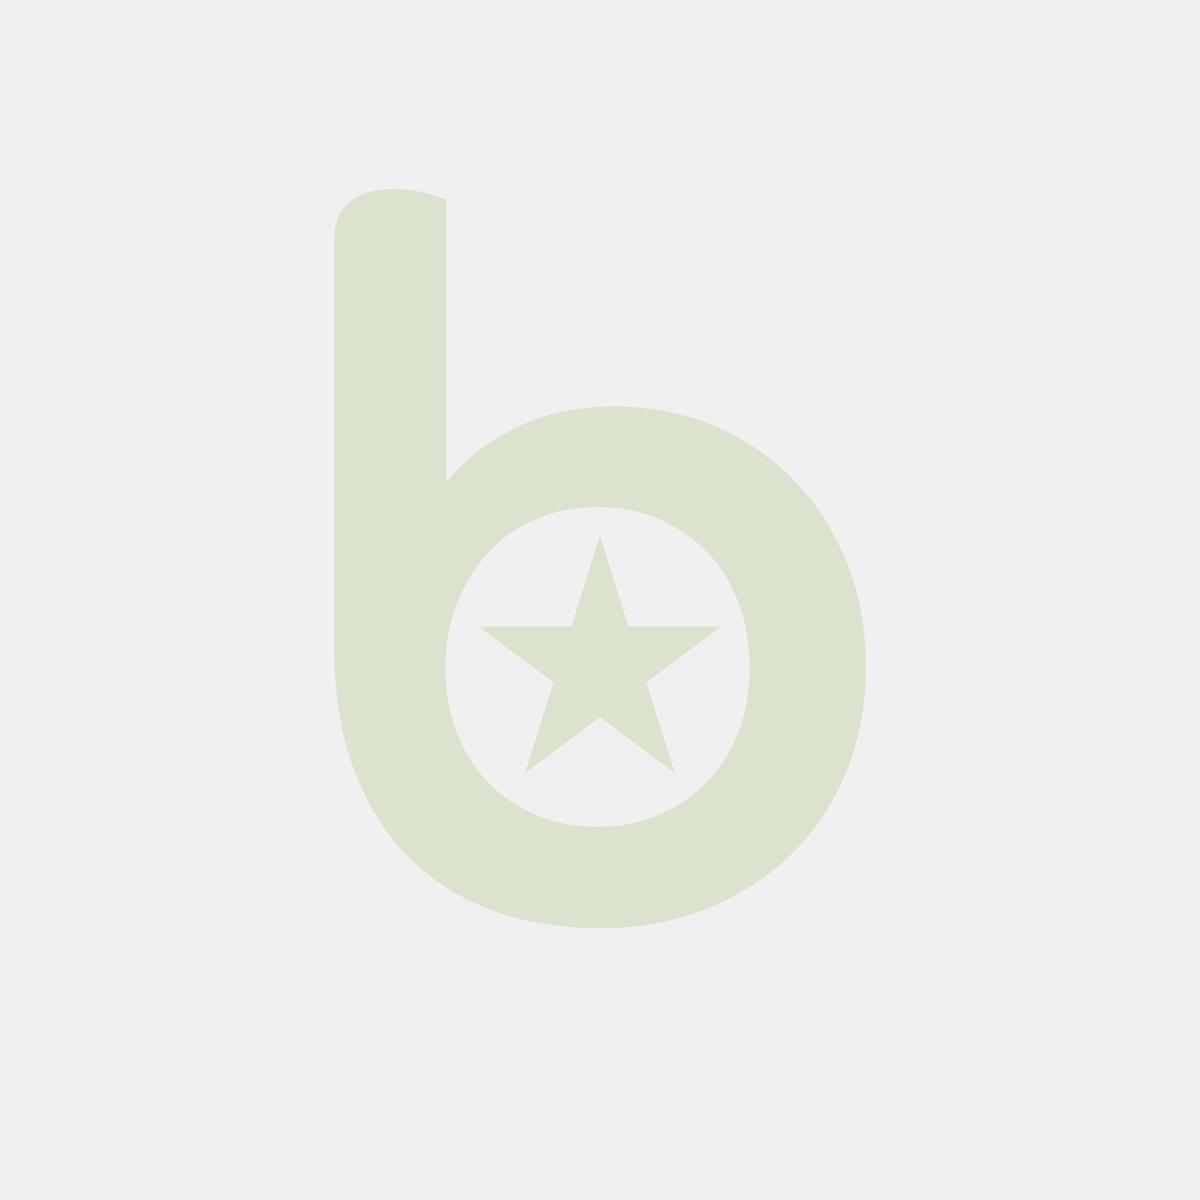 Notatnik SIGEL Conceptum® okładka w prążki, A5, w kratkę, granatowy